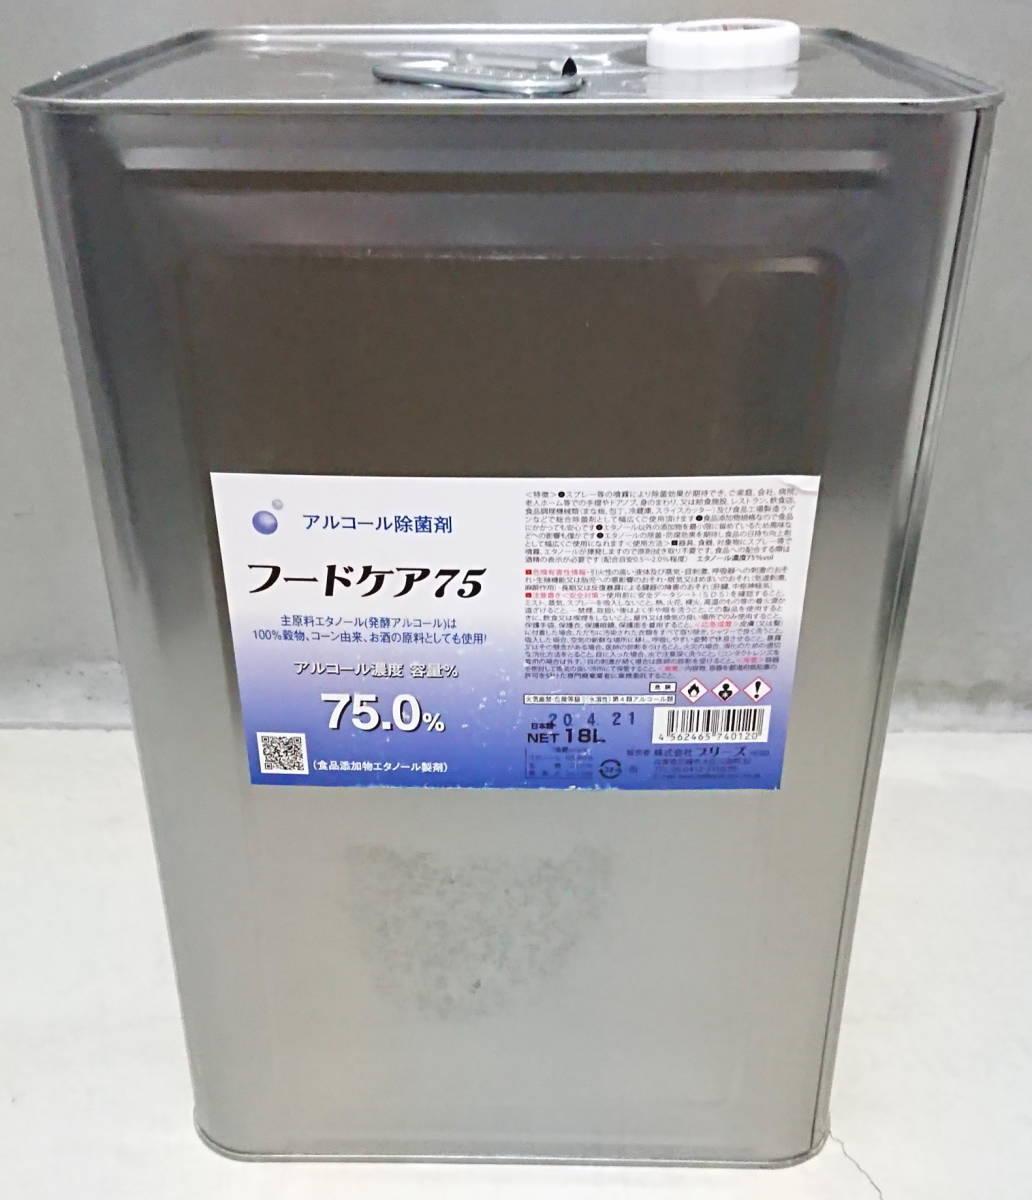 【即納・送料無料】フードケア75 18L 一斗缶 1本 75度 アルコール除菌 食品添加物 除菌用エタノール製剤 コロナ対策手指消毒に 日本国内製